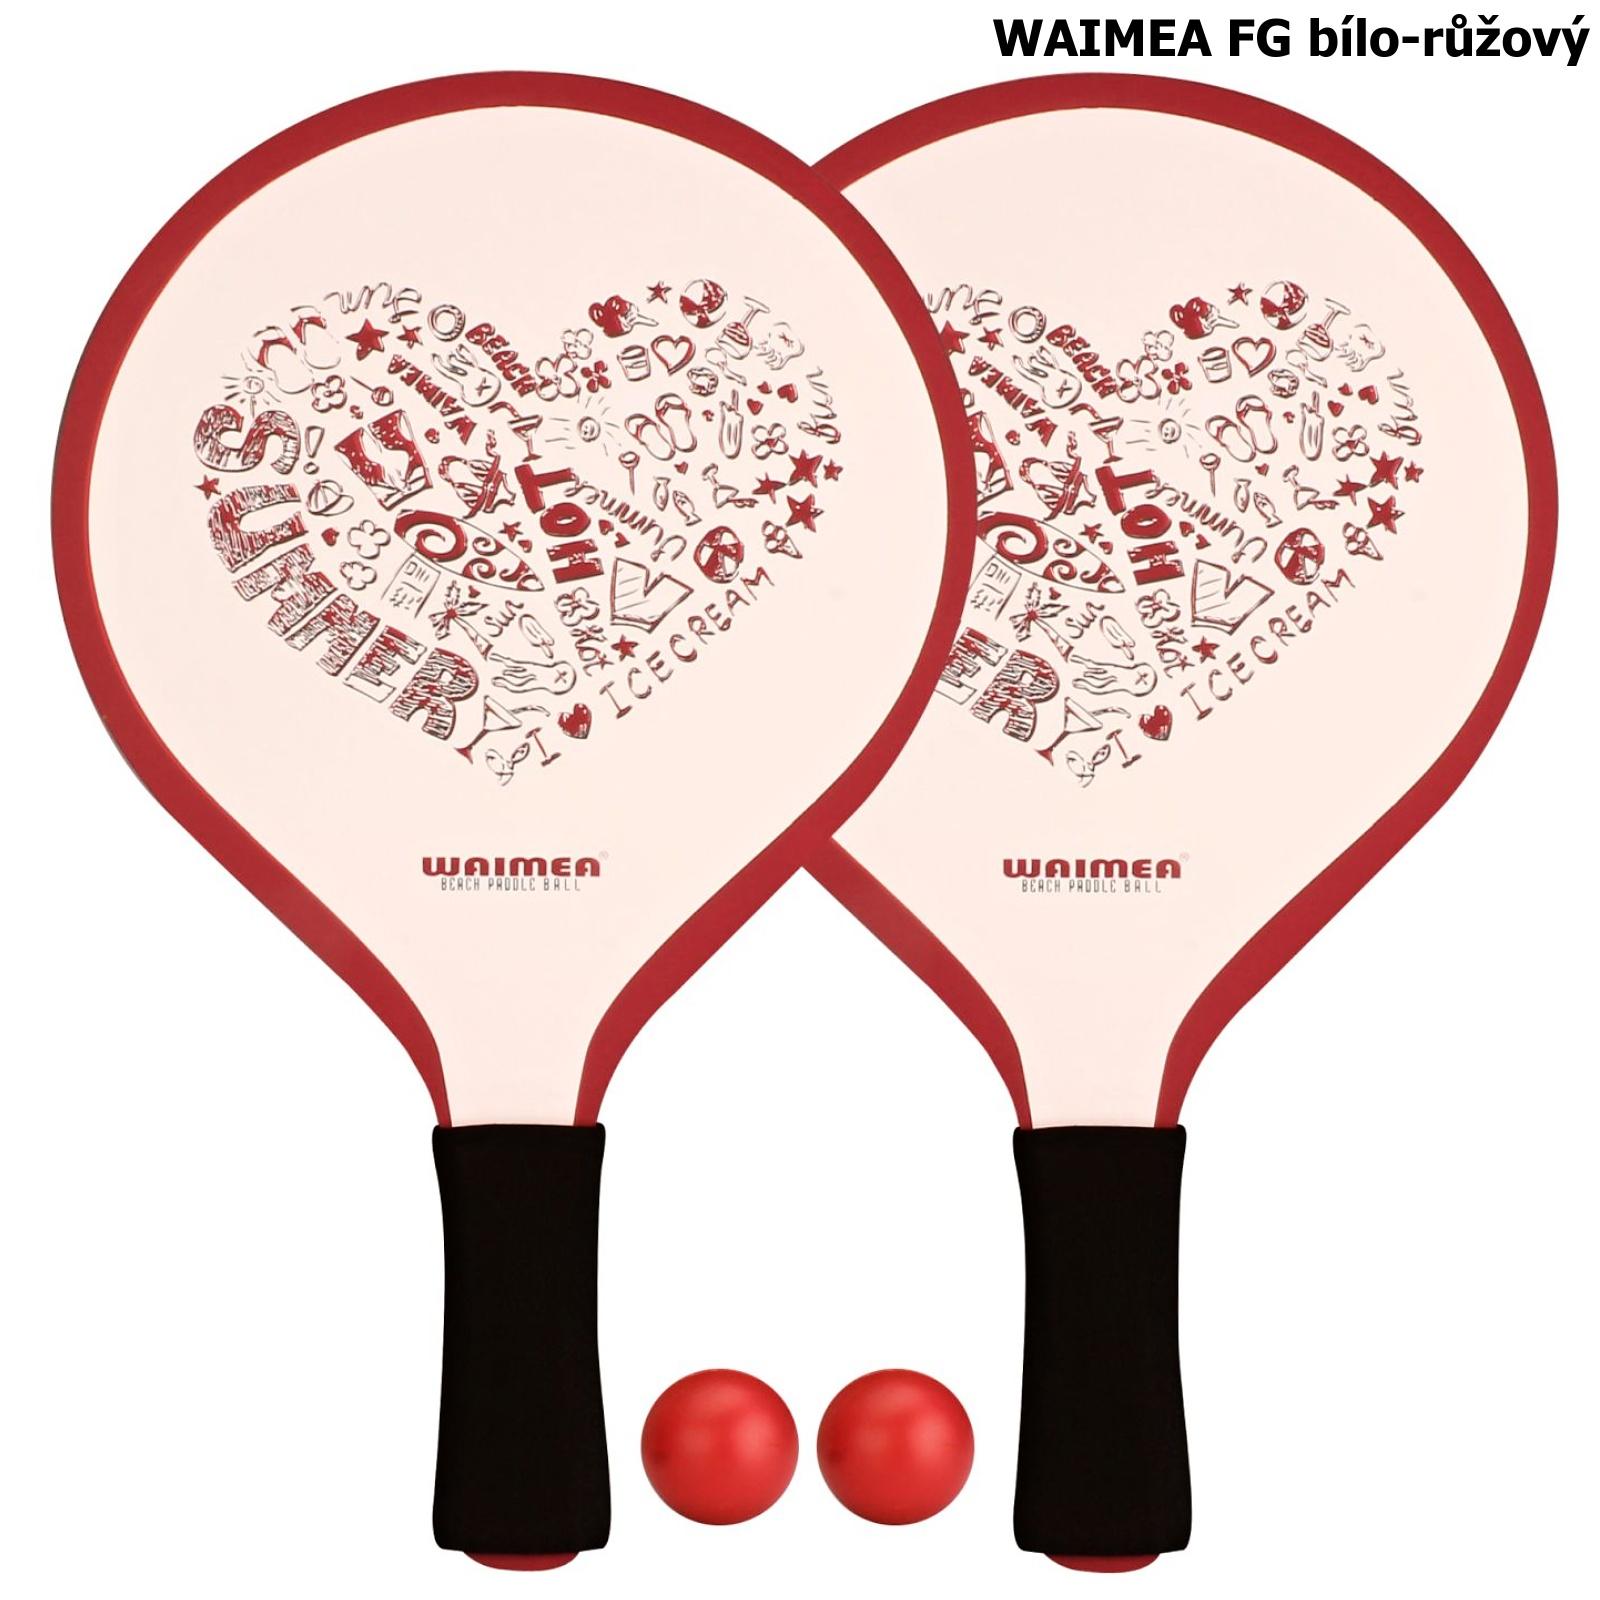 Plážový tenis WAIMEA FG - bílo-růžový